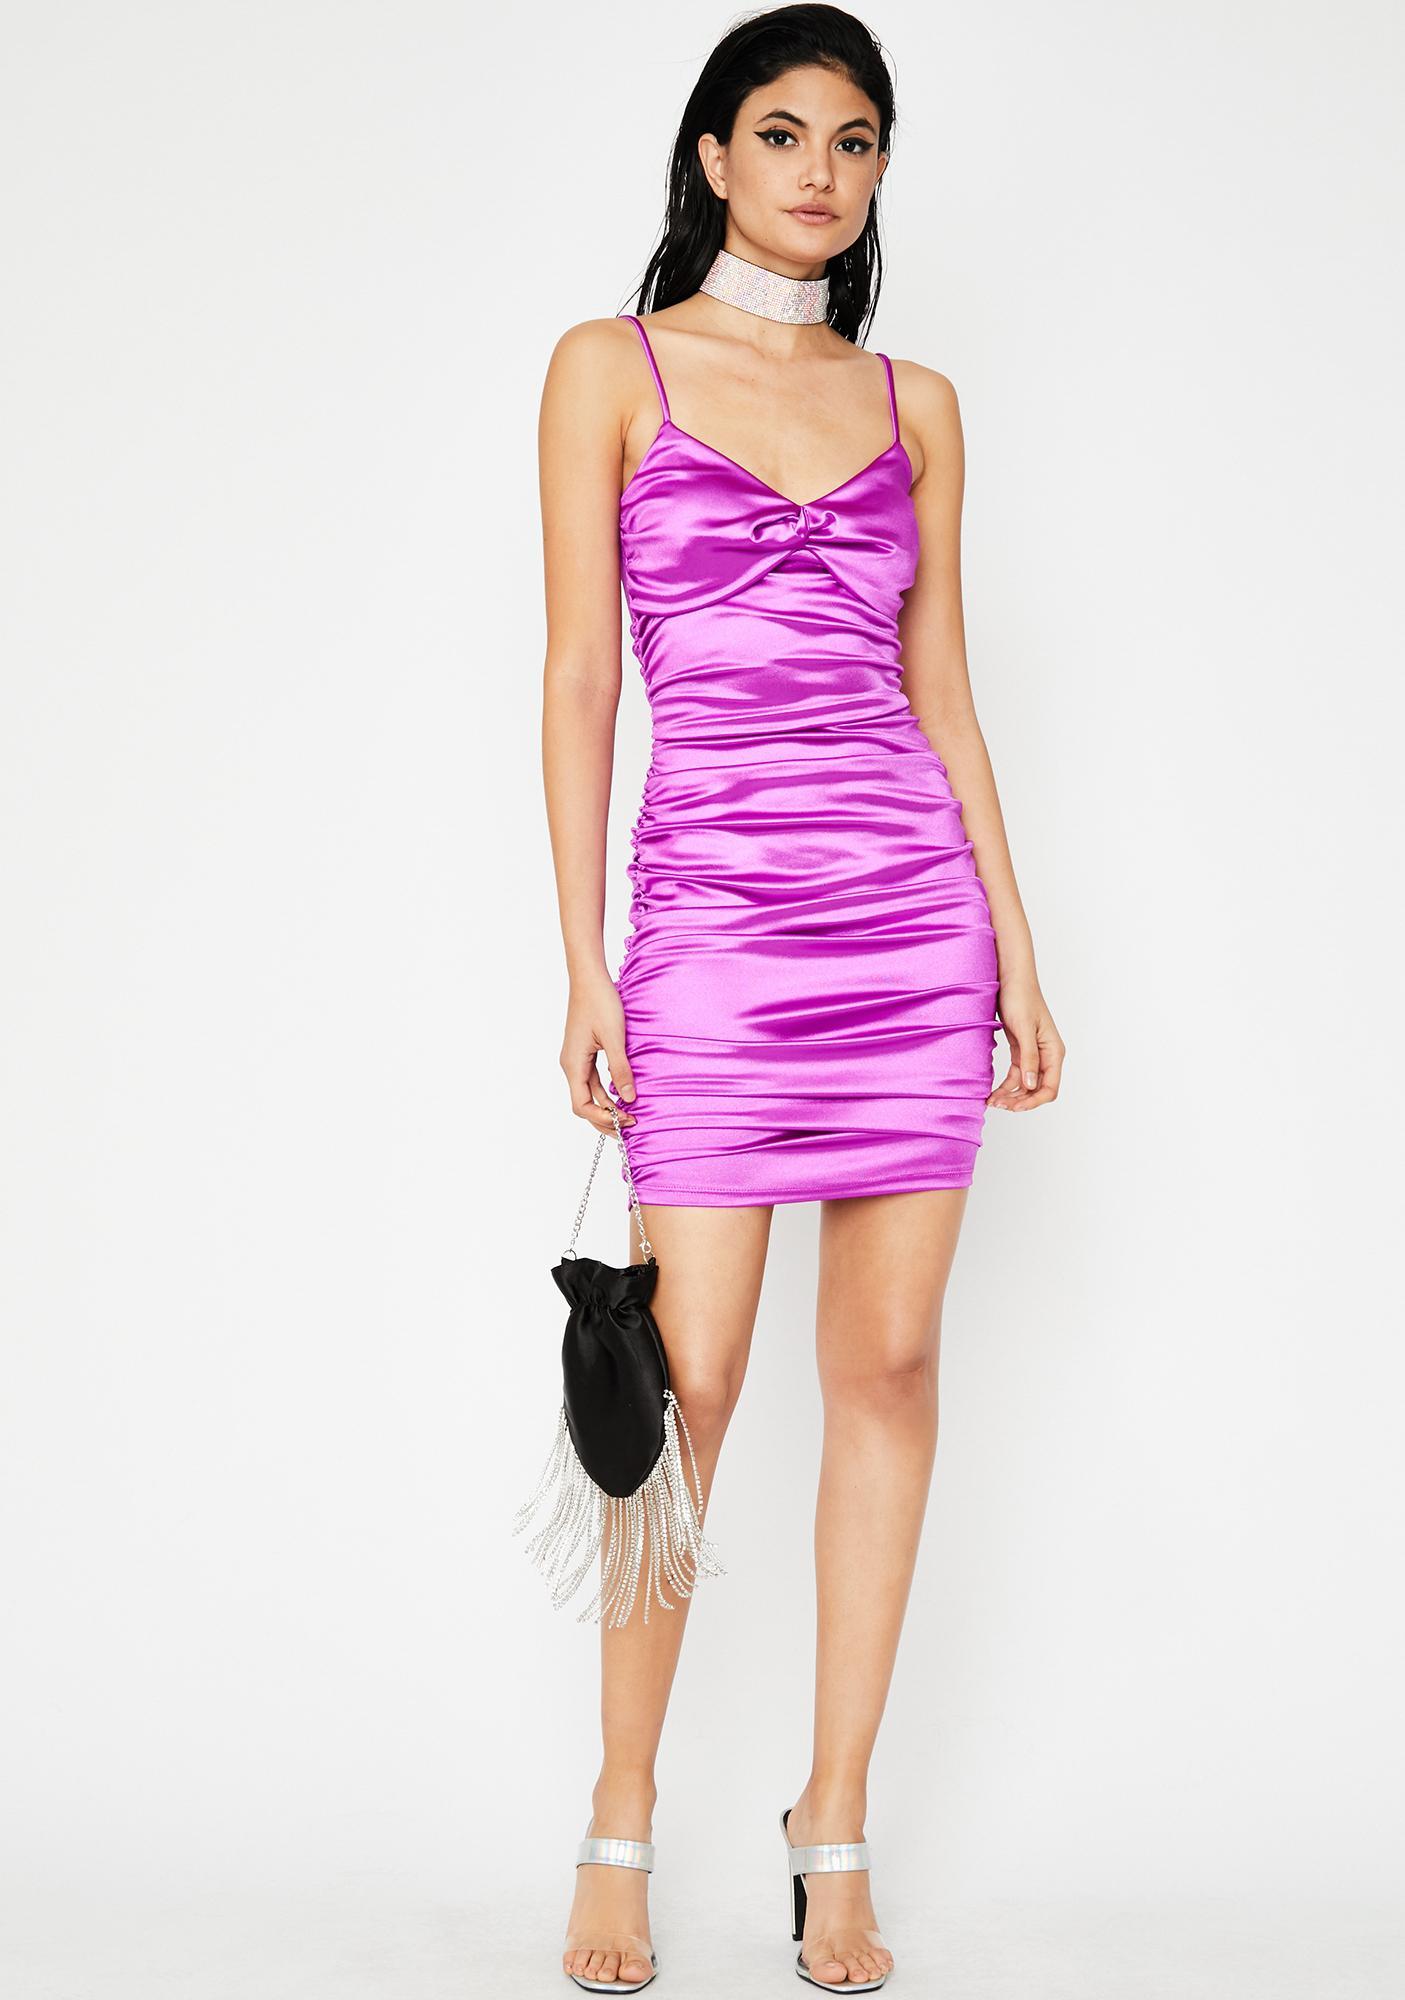 Divine Diva Satin Dress